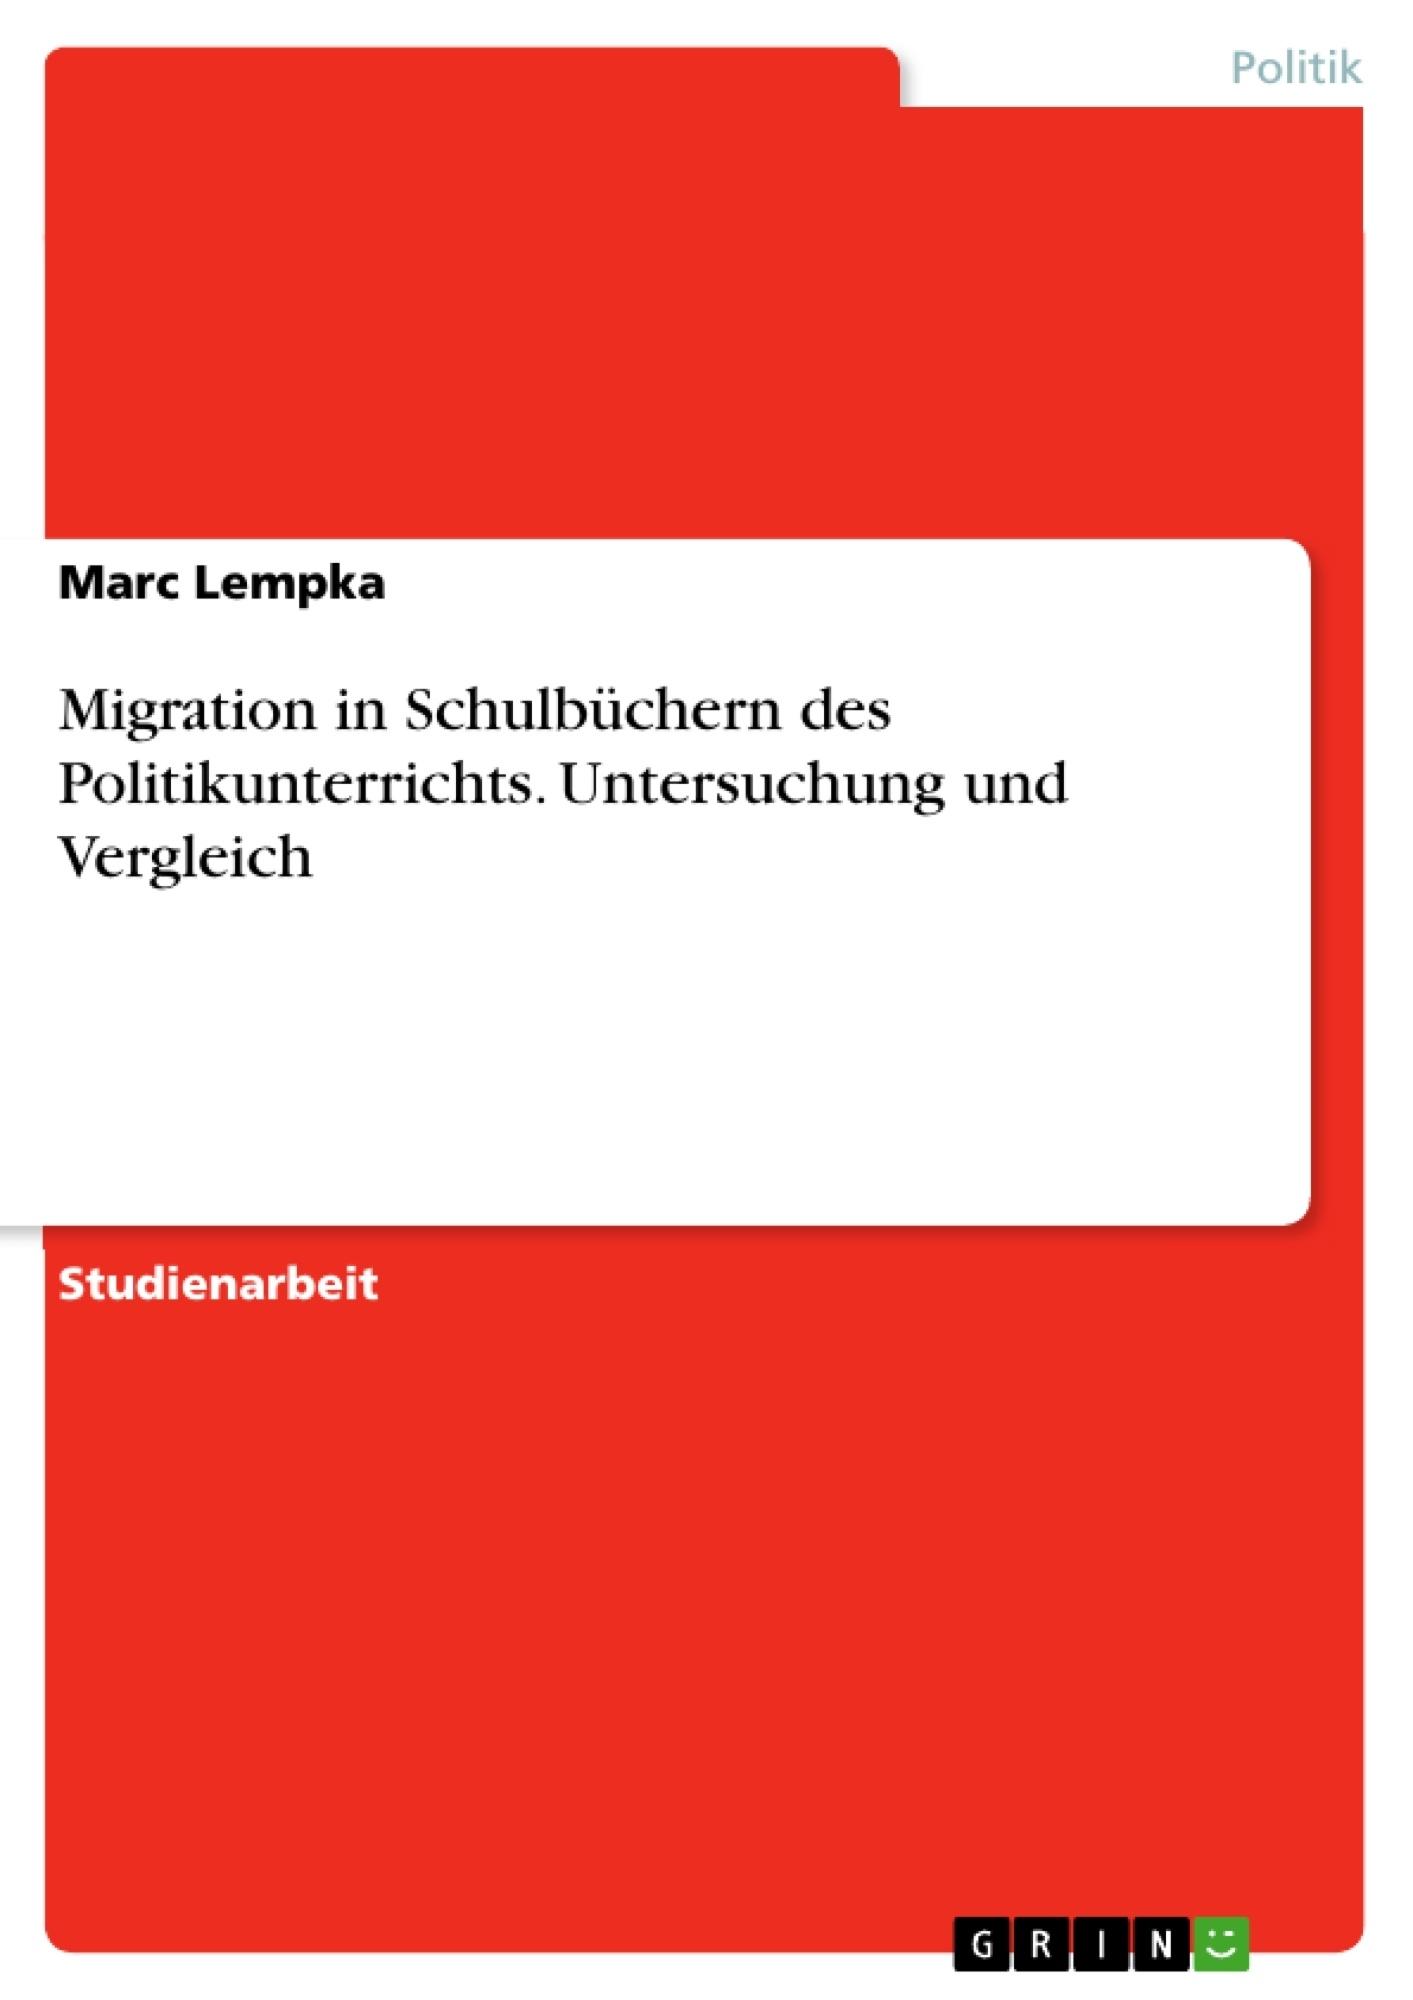 Titel: Migration in Schulbüchern des Politikunterrichts. Untersuchung und Vergleich